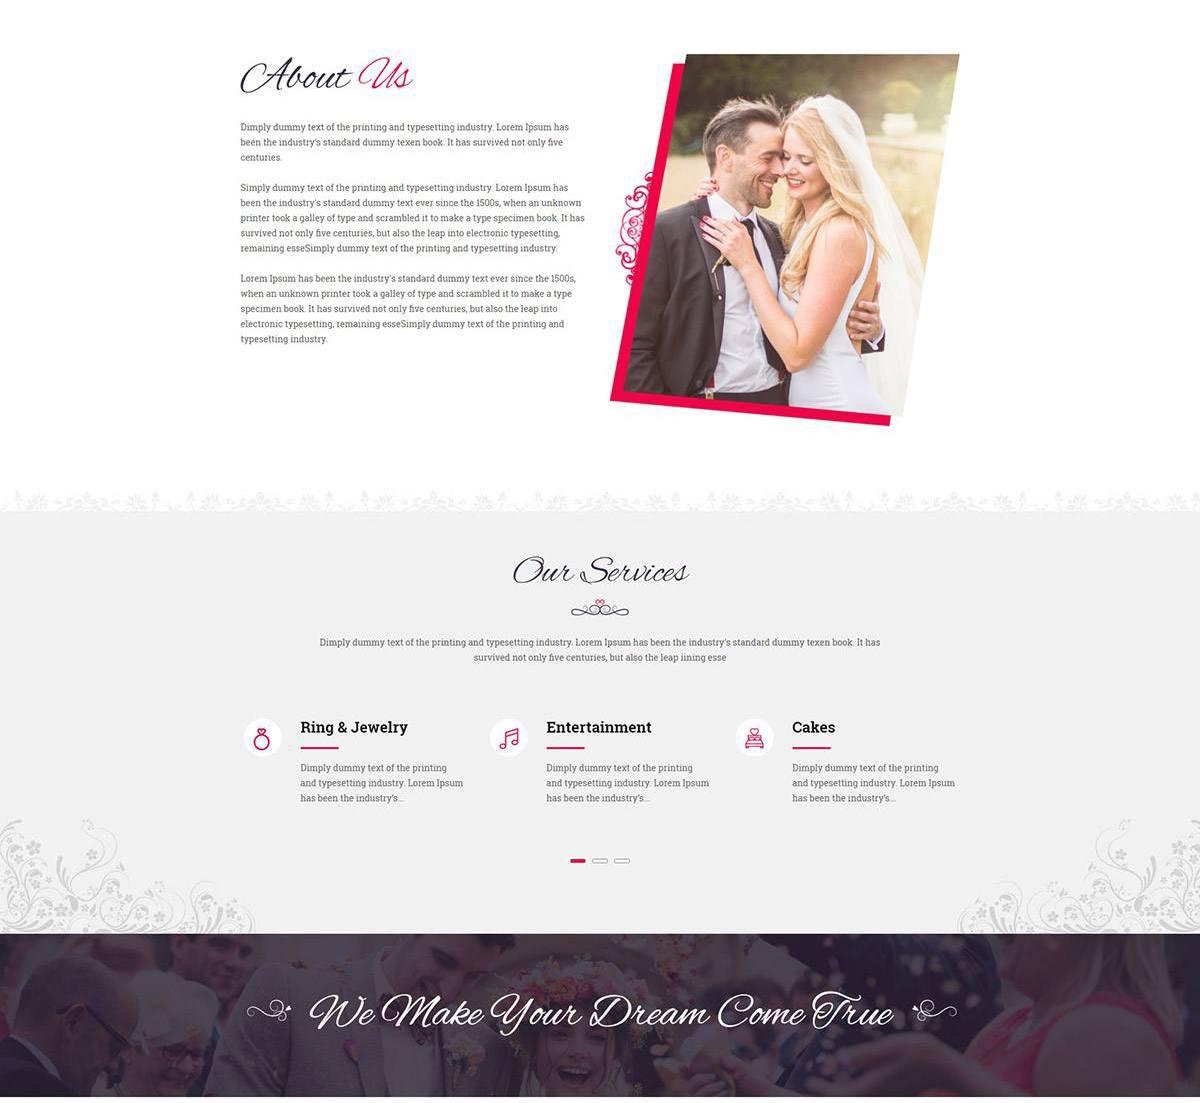 Thiết kế website wedding tại đâu uy tín, chất lượng